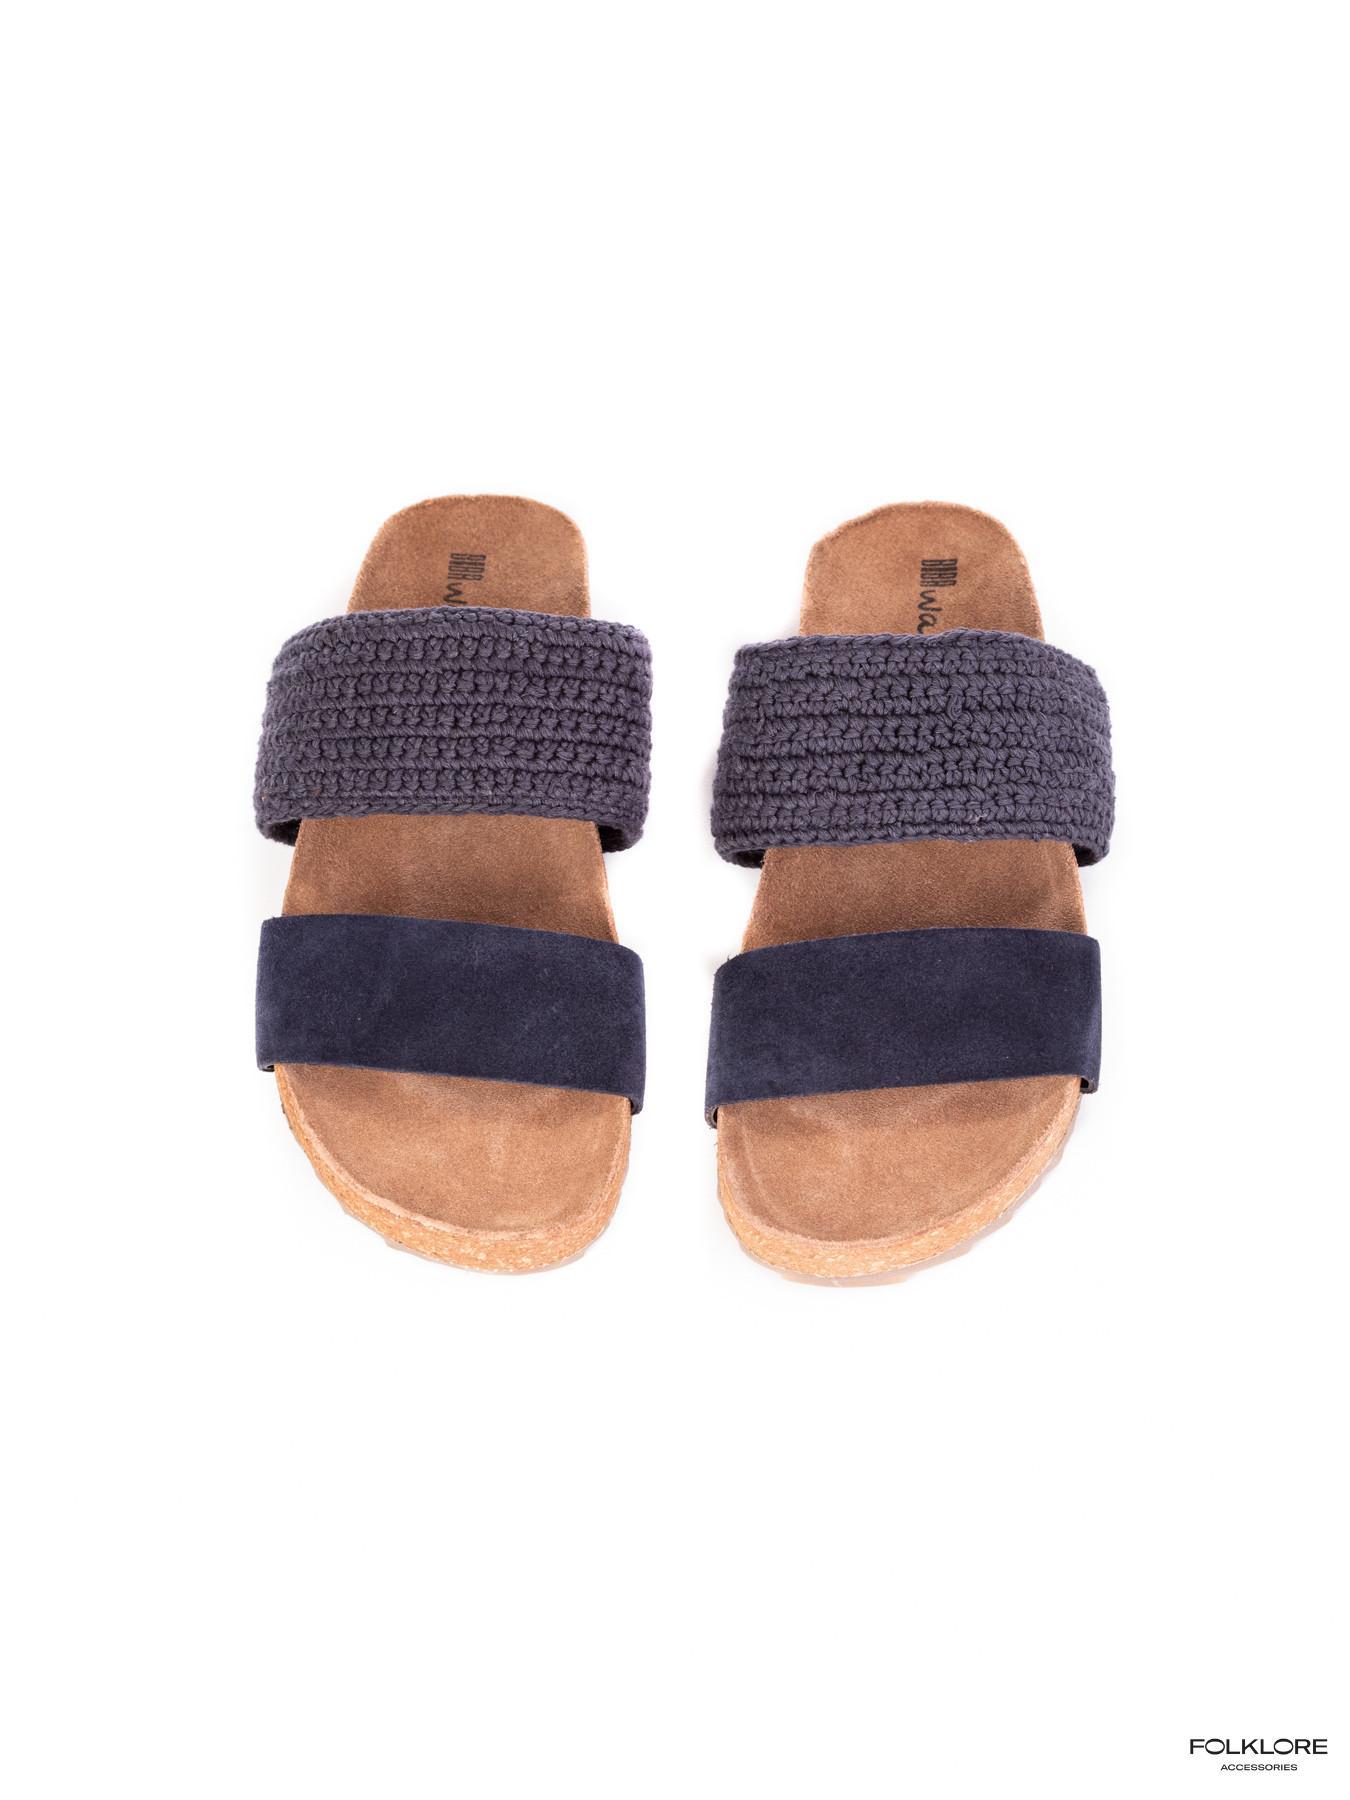 BIBA Boston Lawrence Kožne plave papuče 41